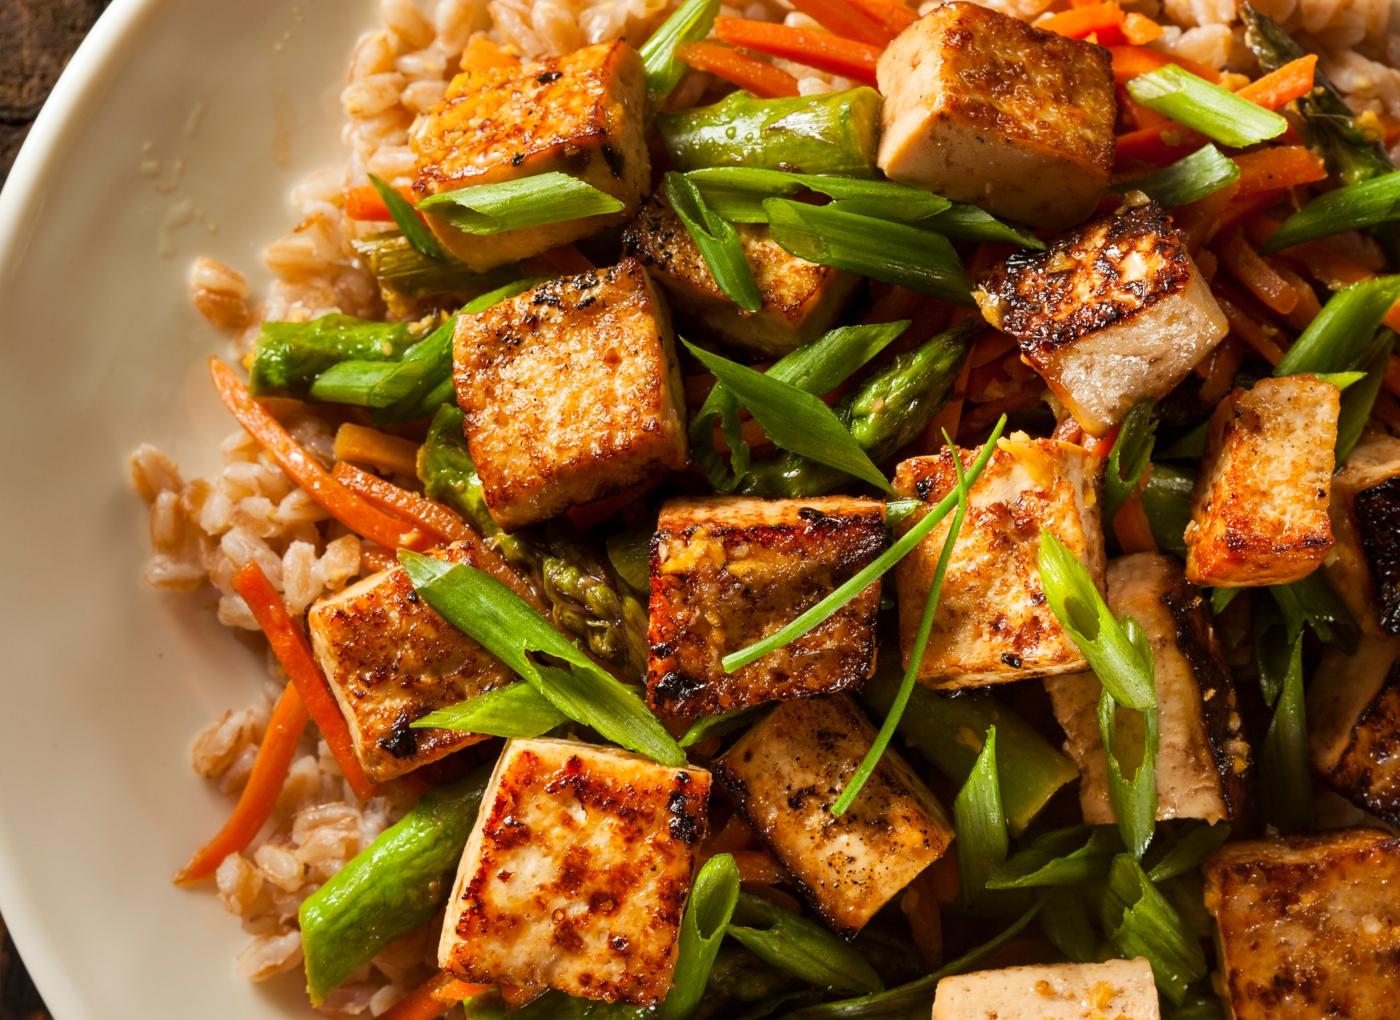 Receitas com tofu: tofu com legumes salteados